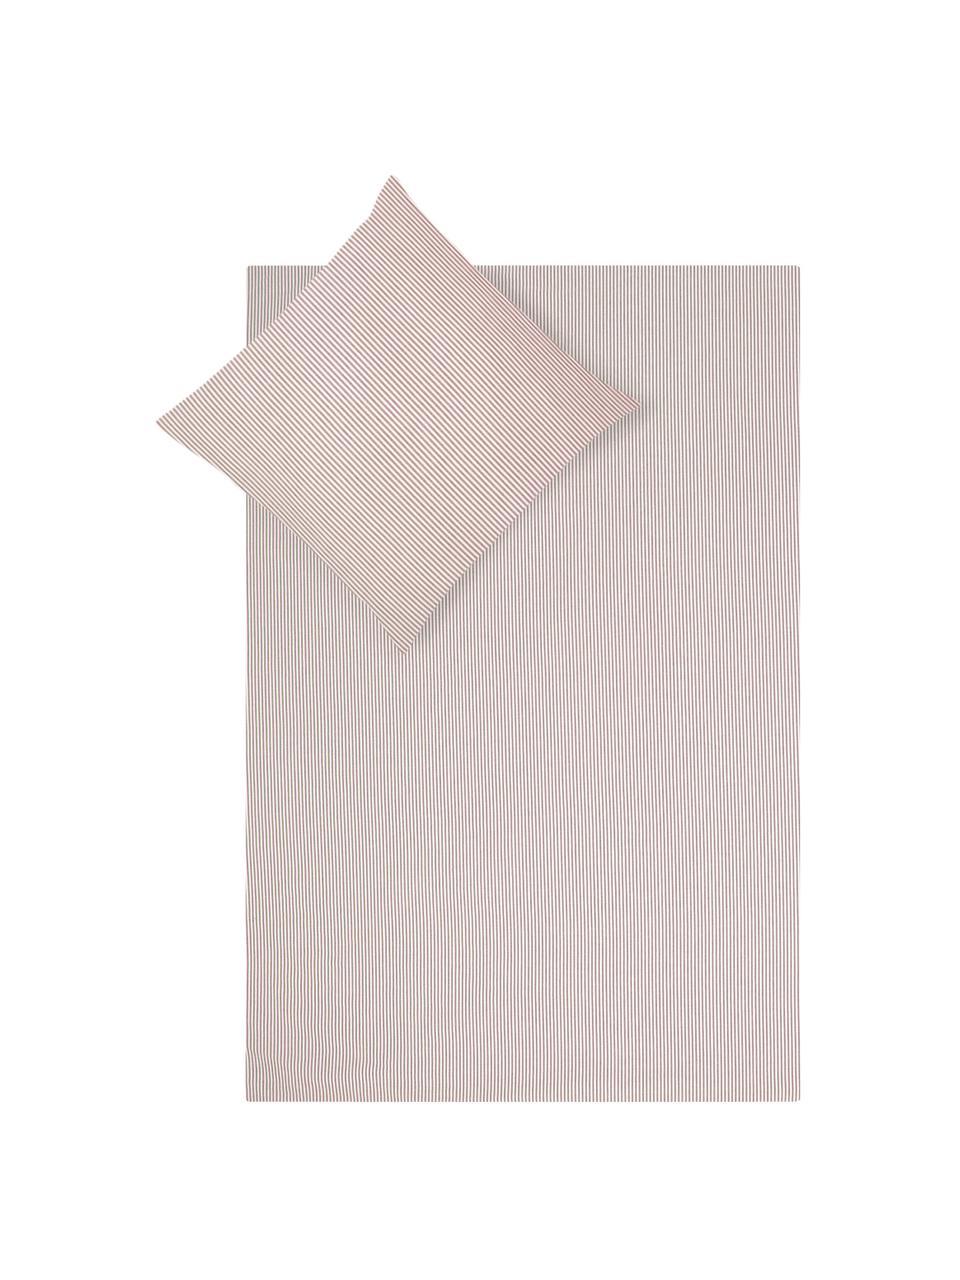 Baumwoll-Bettwäsche Ellie in Weiß/Rot, fein gestreift, Webart: Renforcé Fadendichte 118 , Weiß, Rot, 240 x 220 cm + 2 Kissen 80 x 80 cm